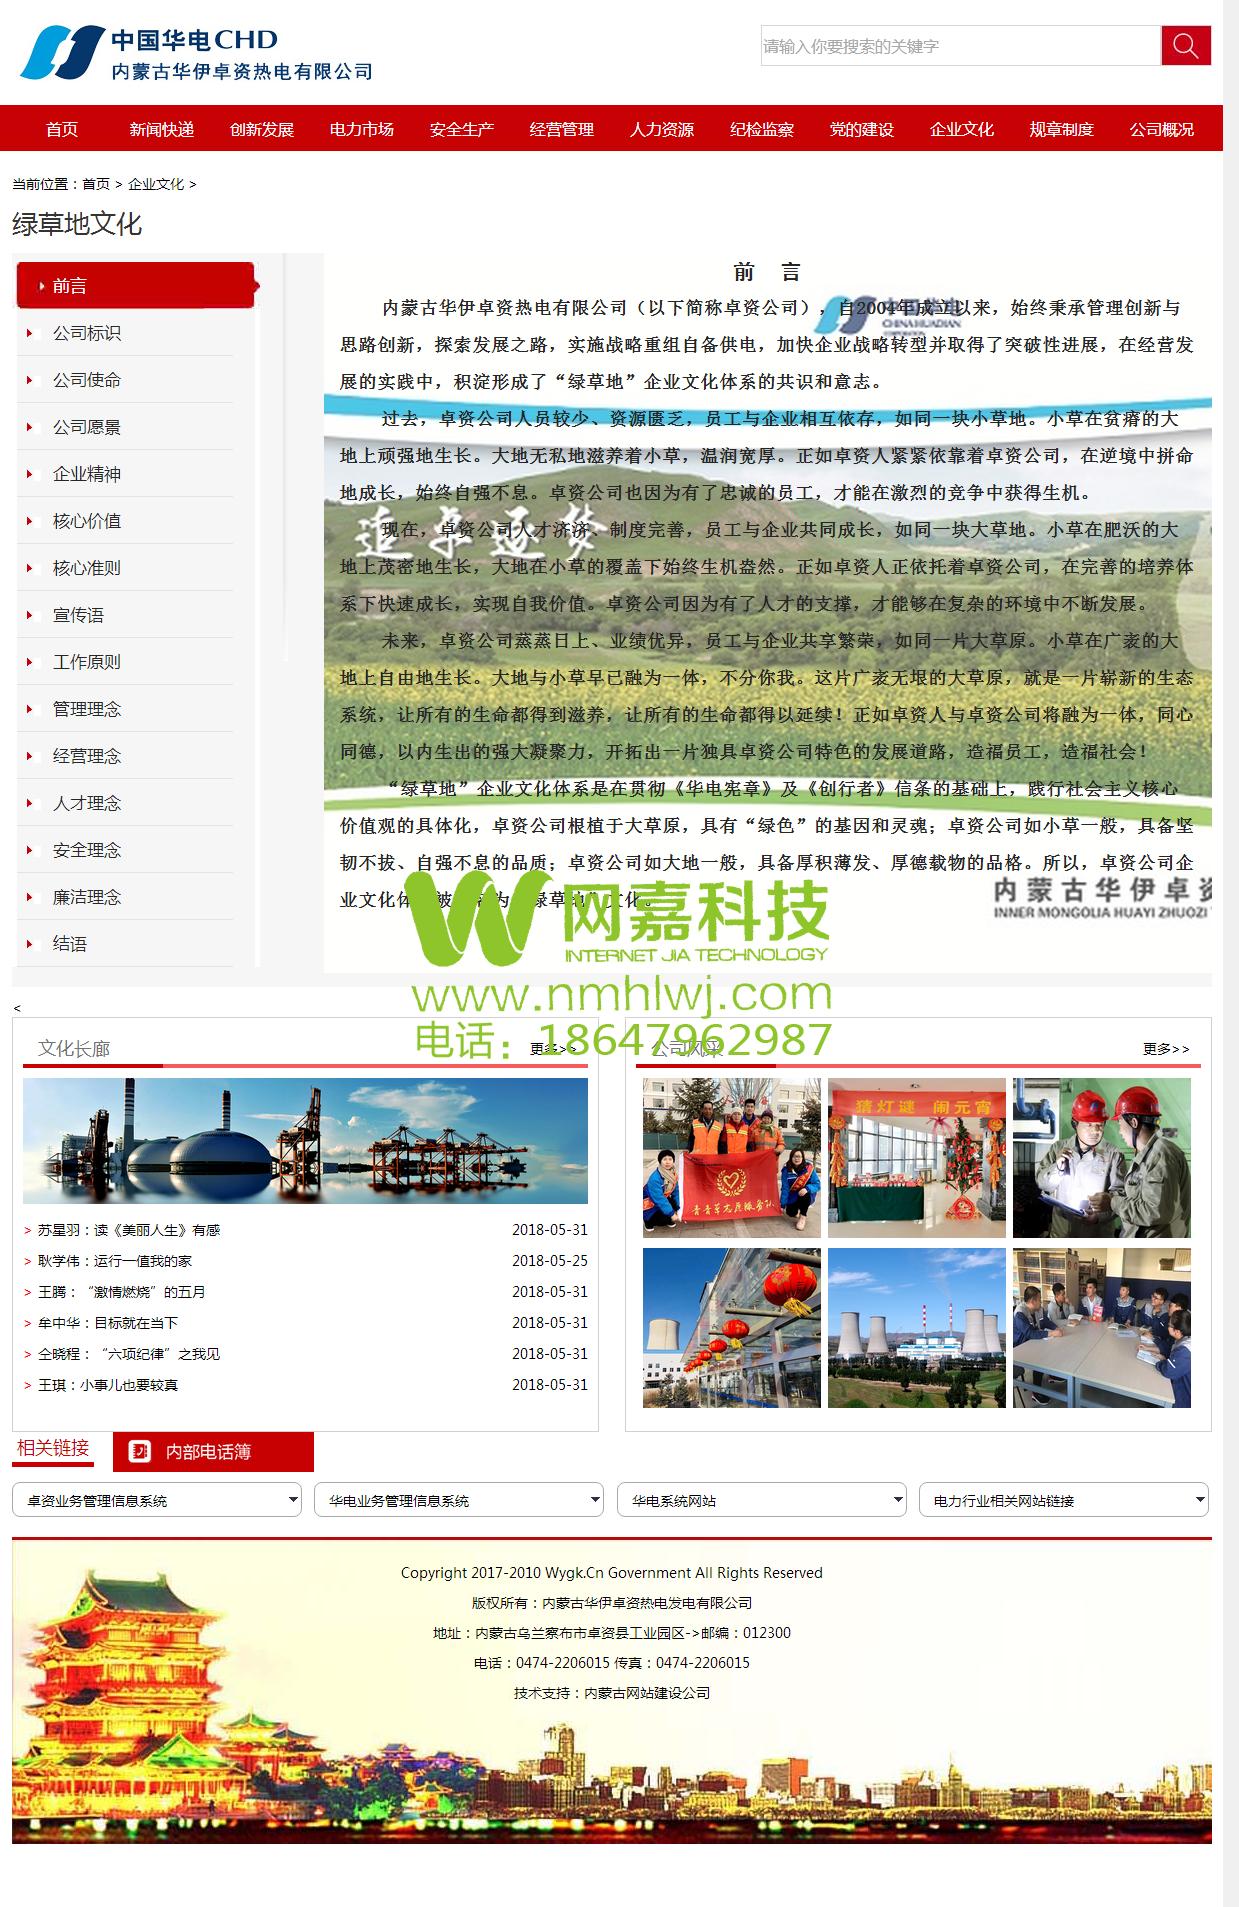 华电卓资企业官网网站建设案例